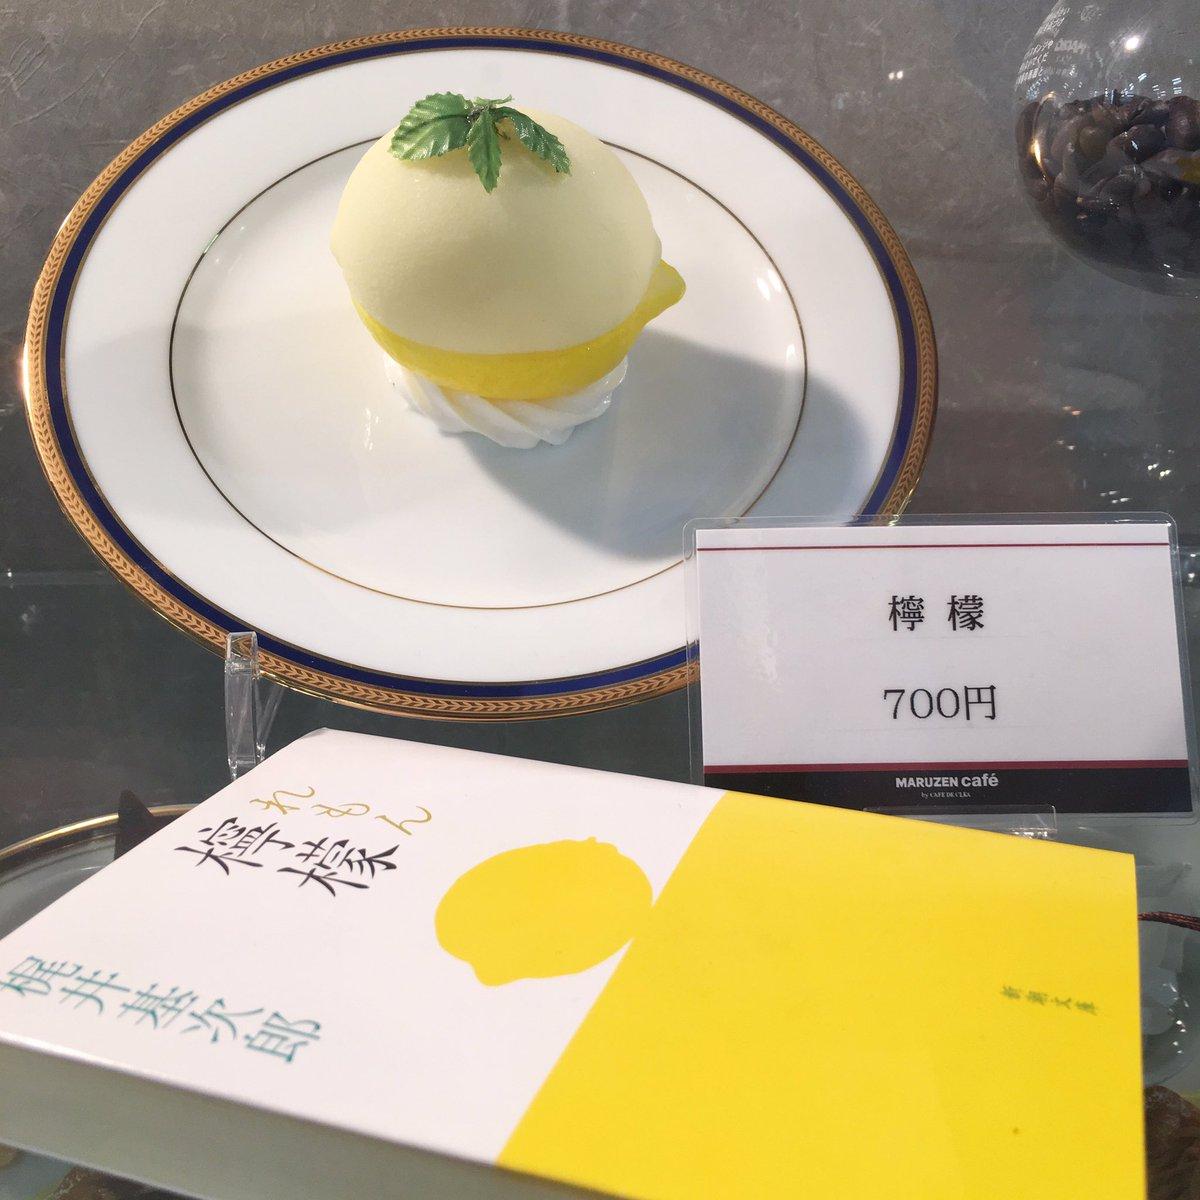 梶井基次郎『檸檬』の舞台、京都・丸善のカフェで、れもん菓子。  https://t.co/vYoDXcxTUt https://t.co/ERosSgfC63